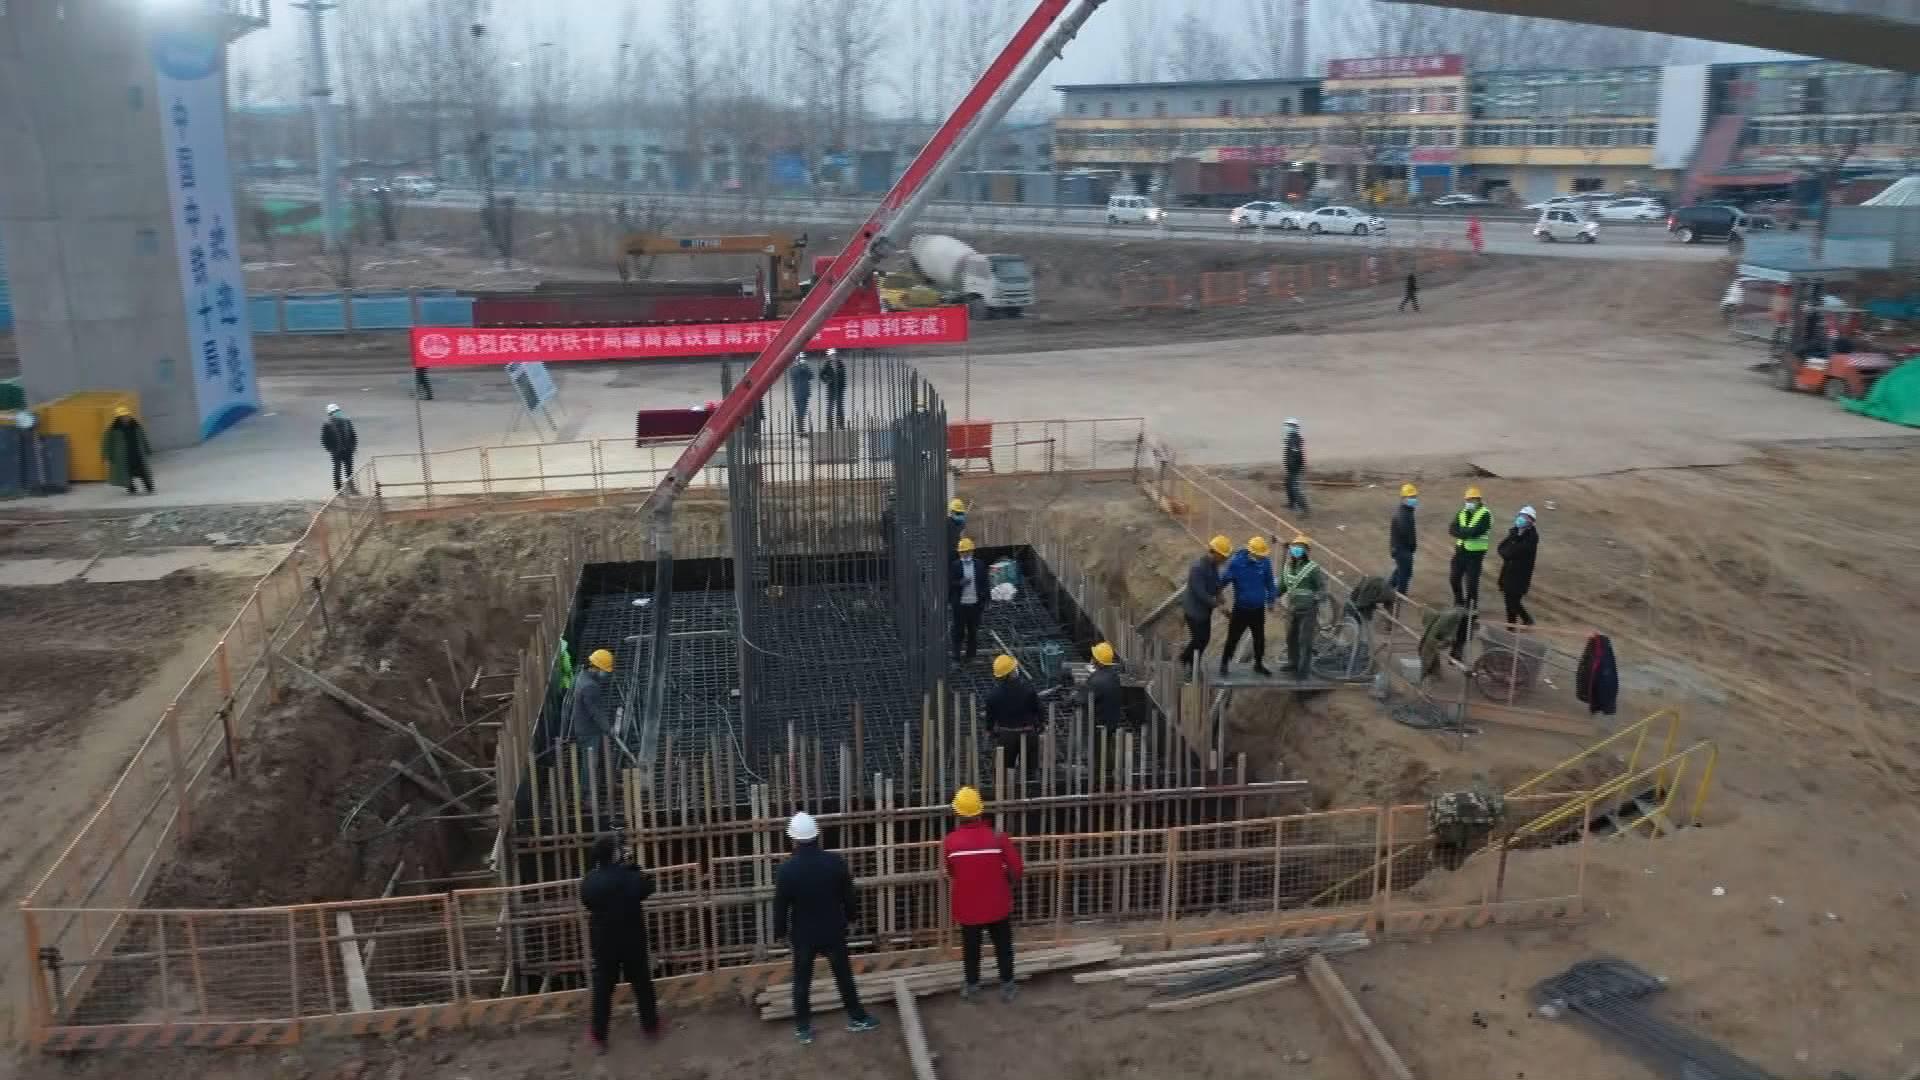 92秒丨18.4公里的鲁南高铁雄商高铁并行段进入全面建设阶段